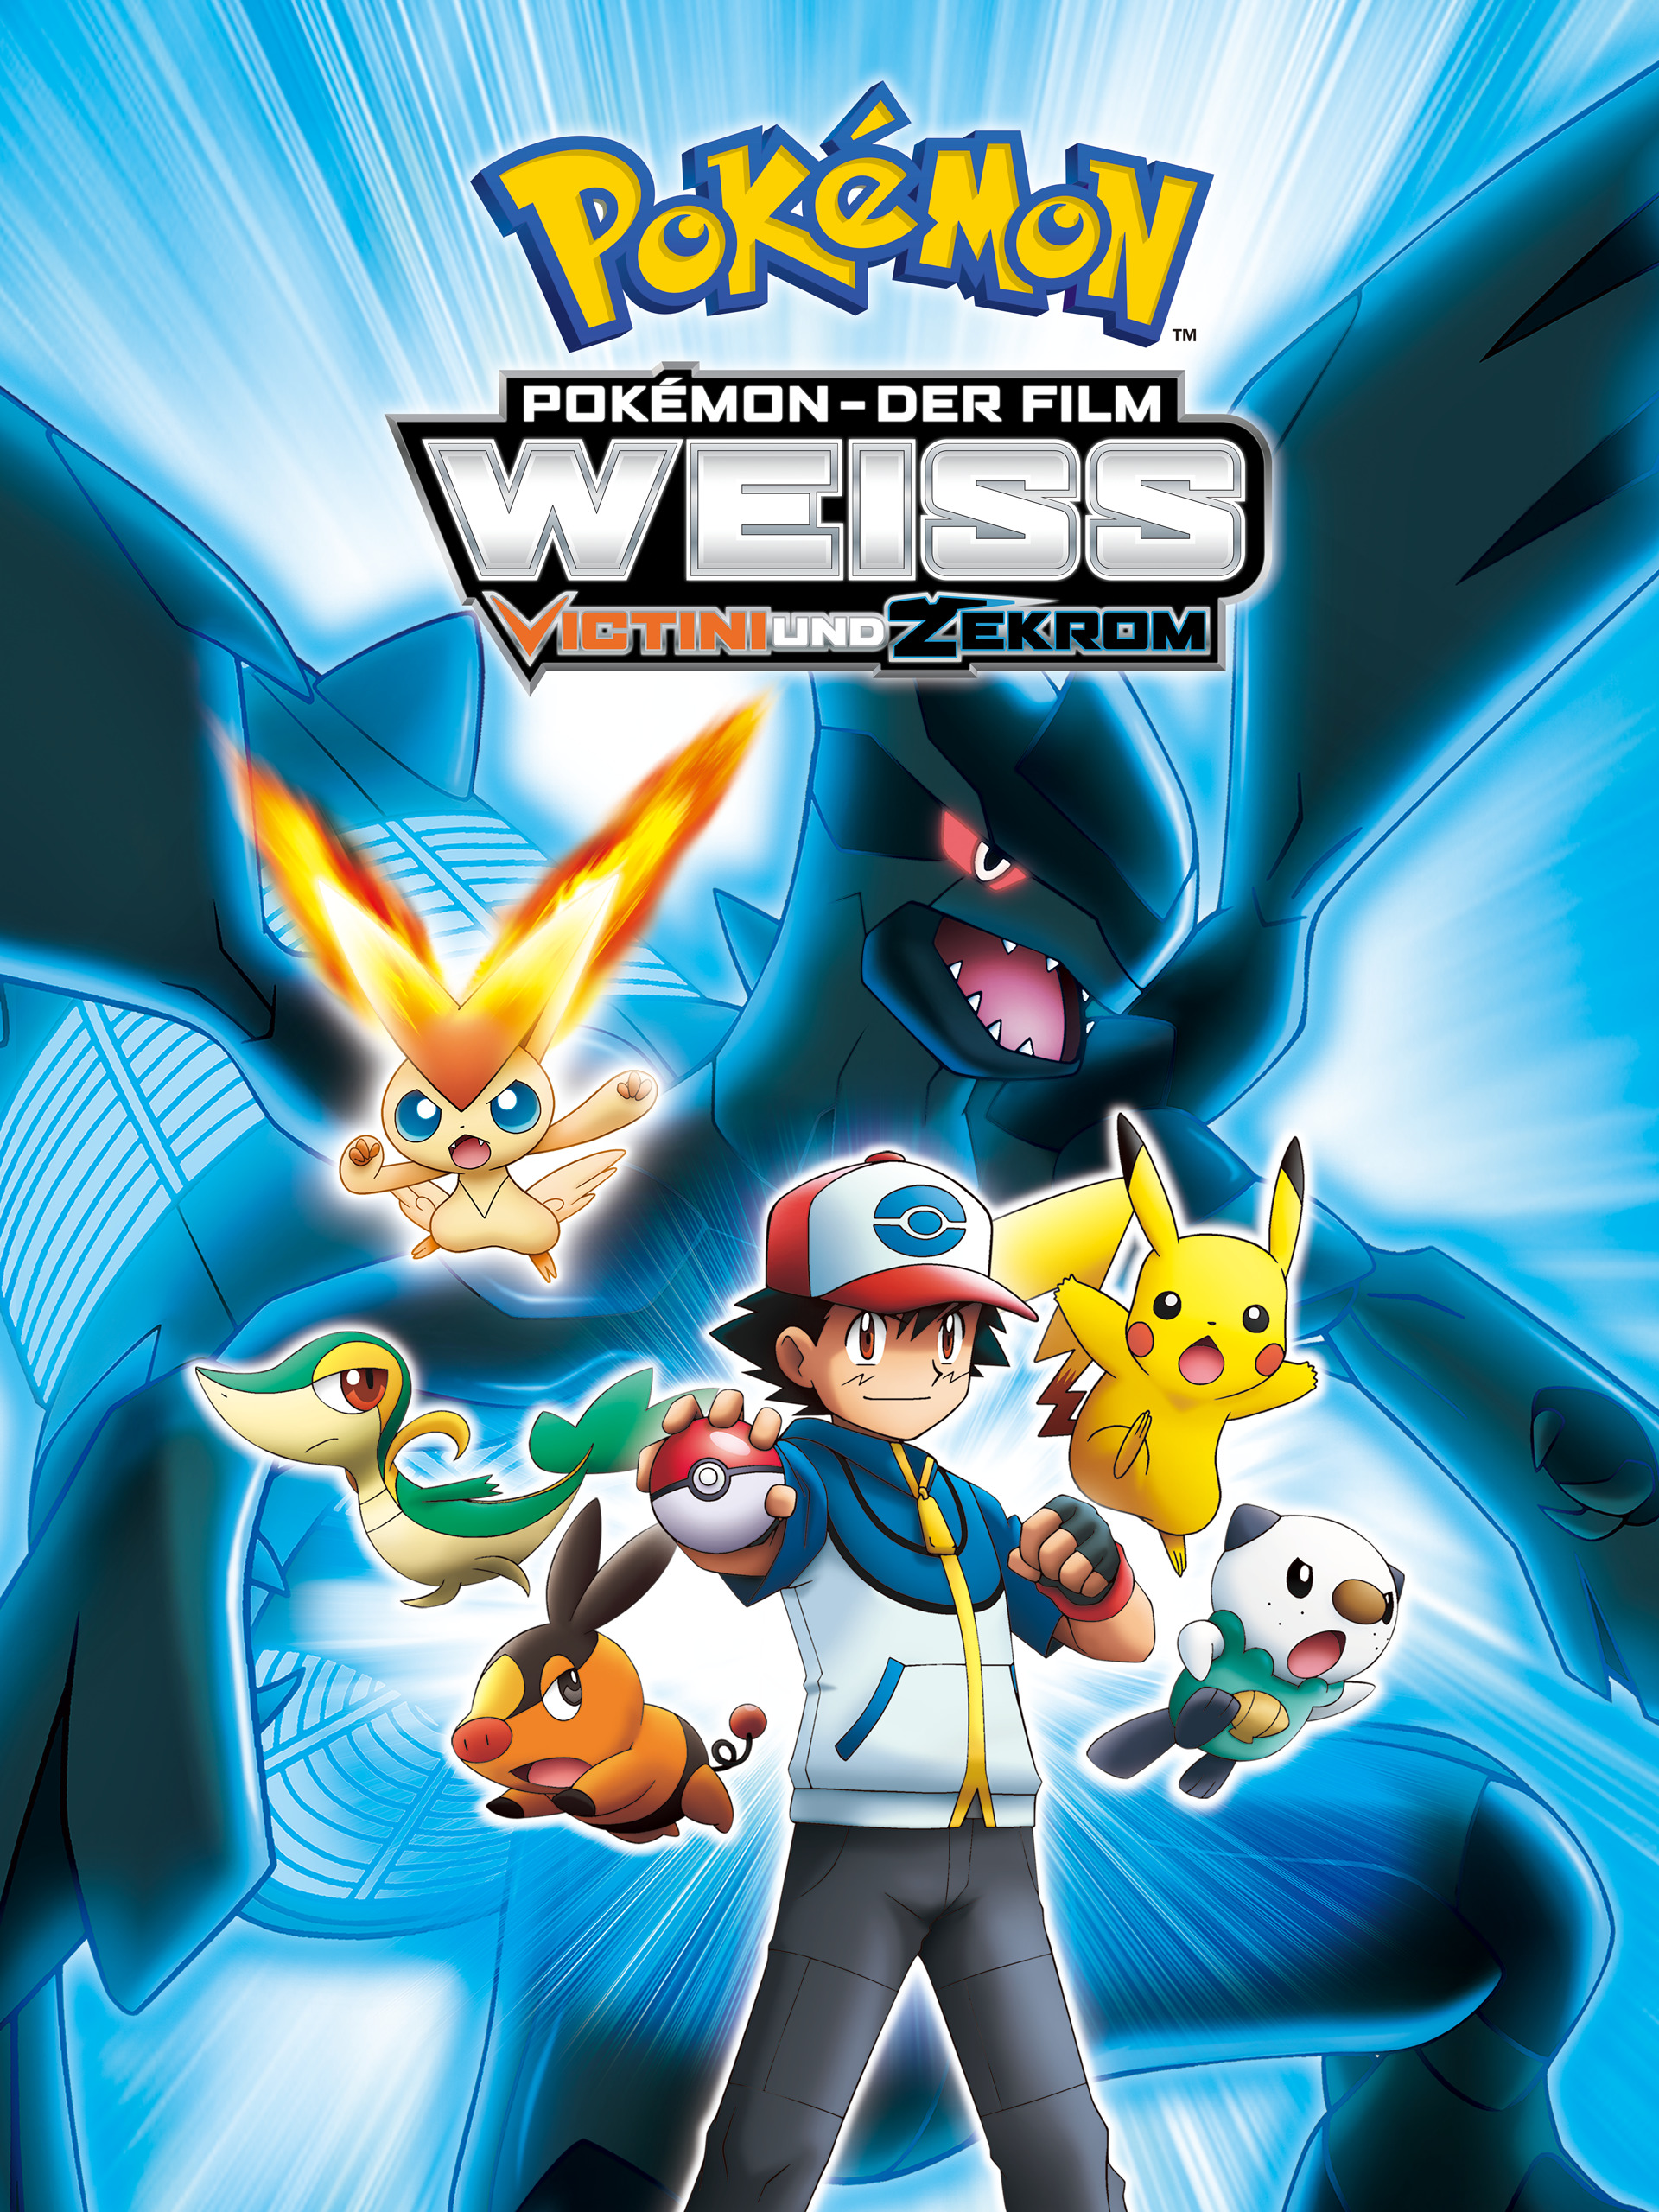 Pokémon 14: Weiß - Victini und Zekrom